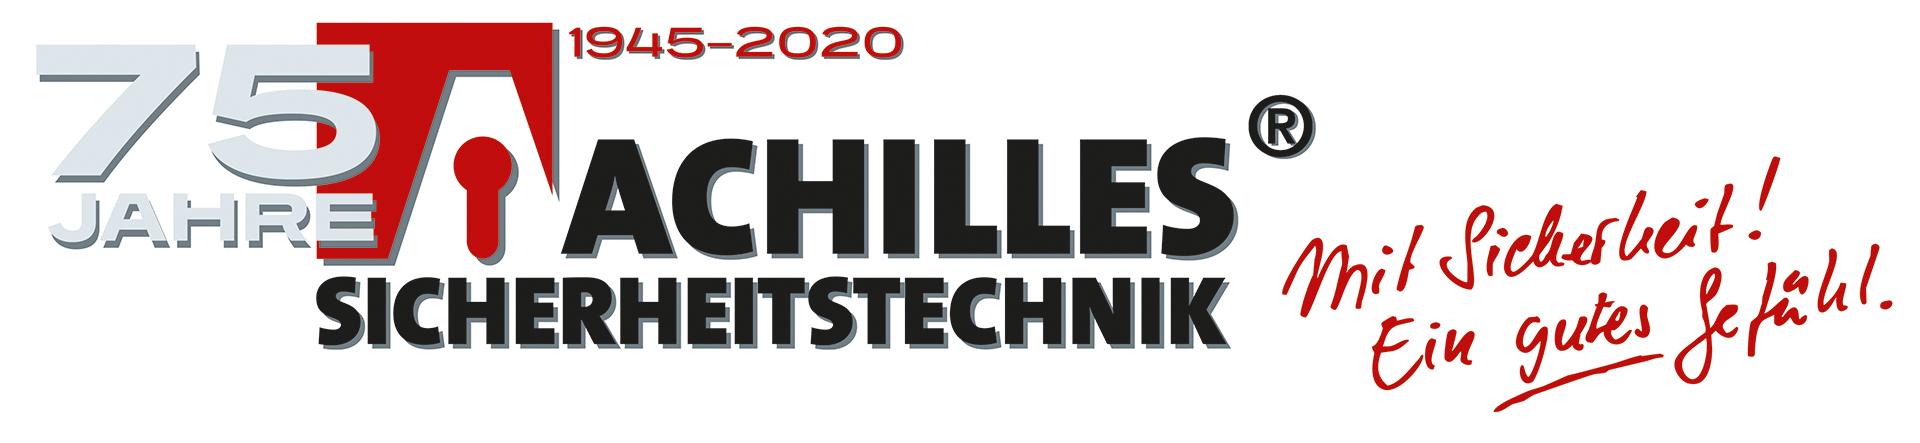 Achilles Sicherheitstechnik